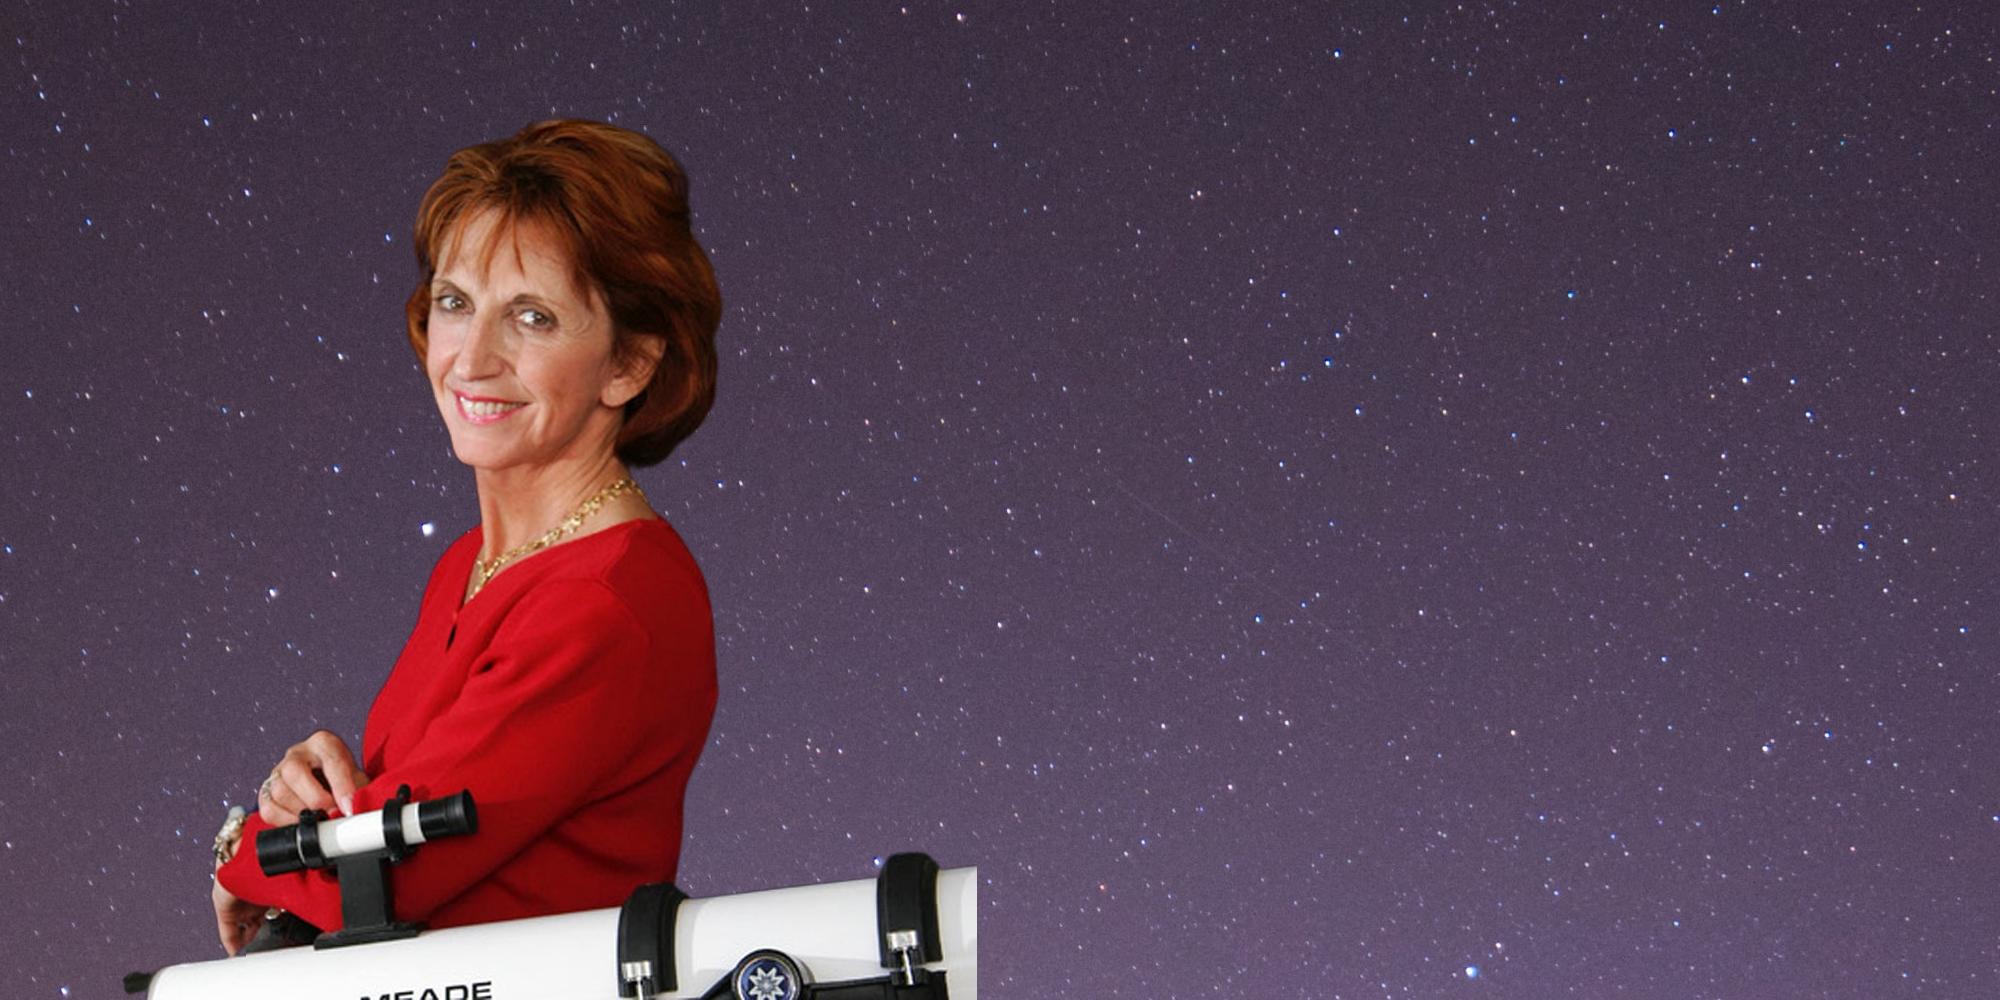 Toni Dore Astrologer